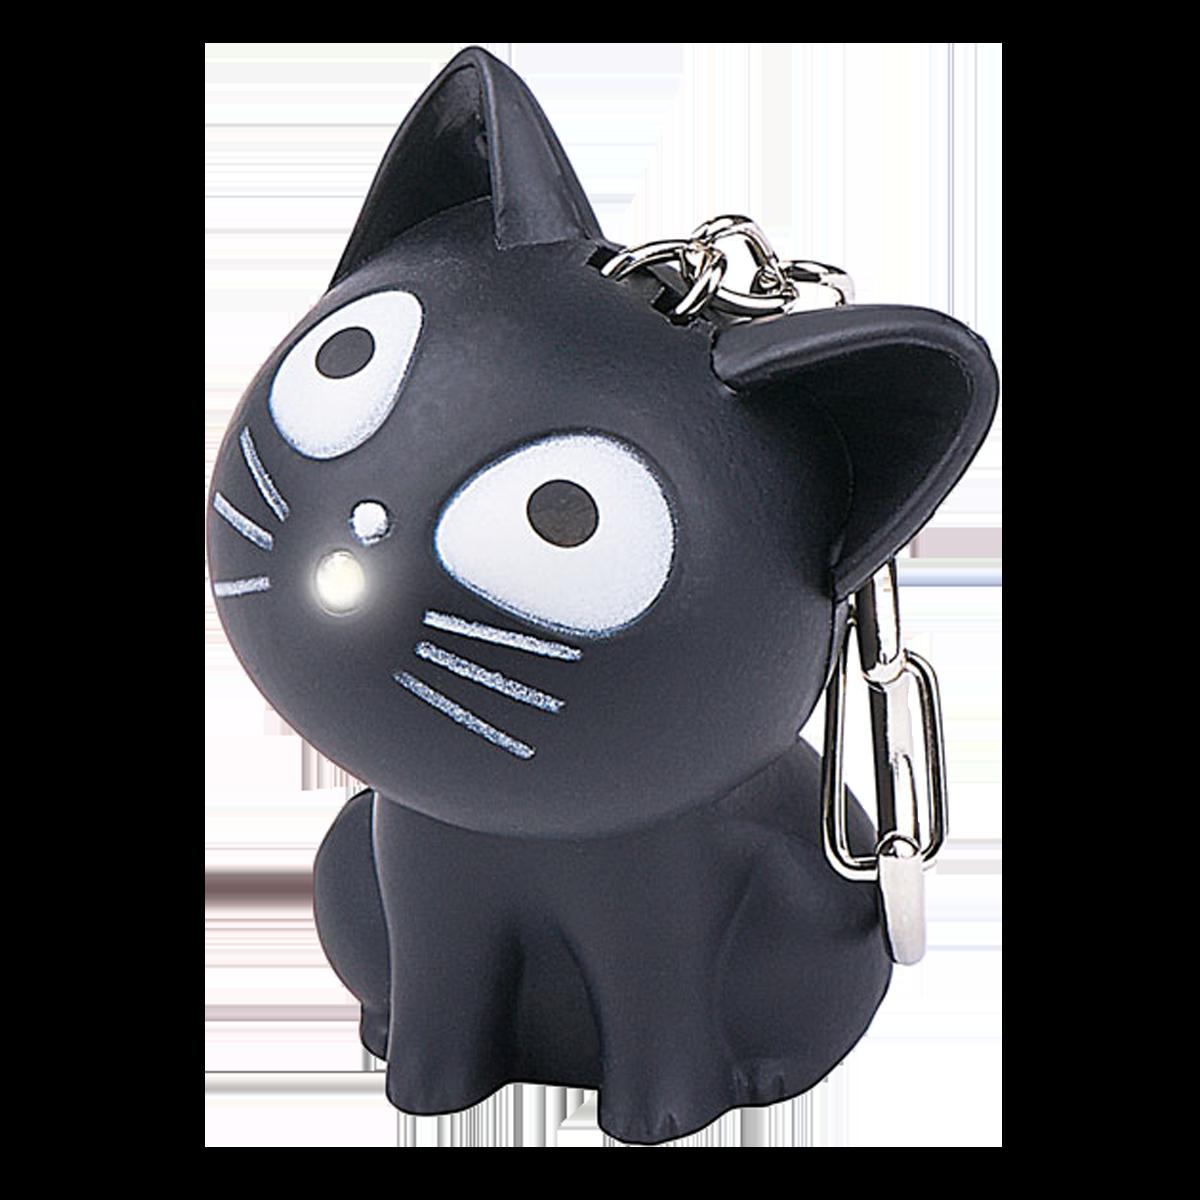 Katten på nyckelringen lyser dig fram till nyckelhålet